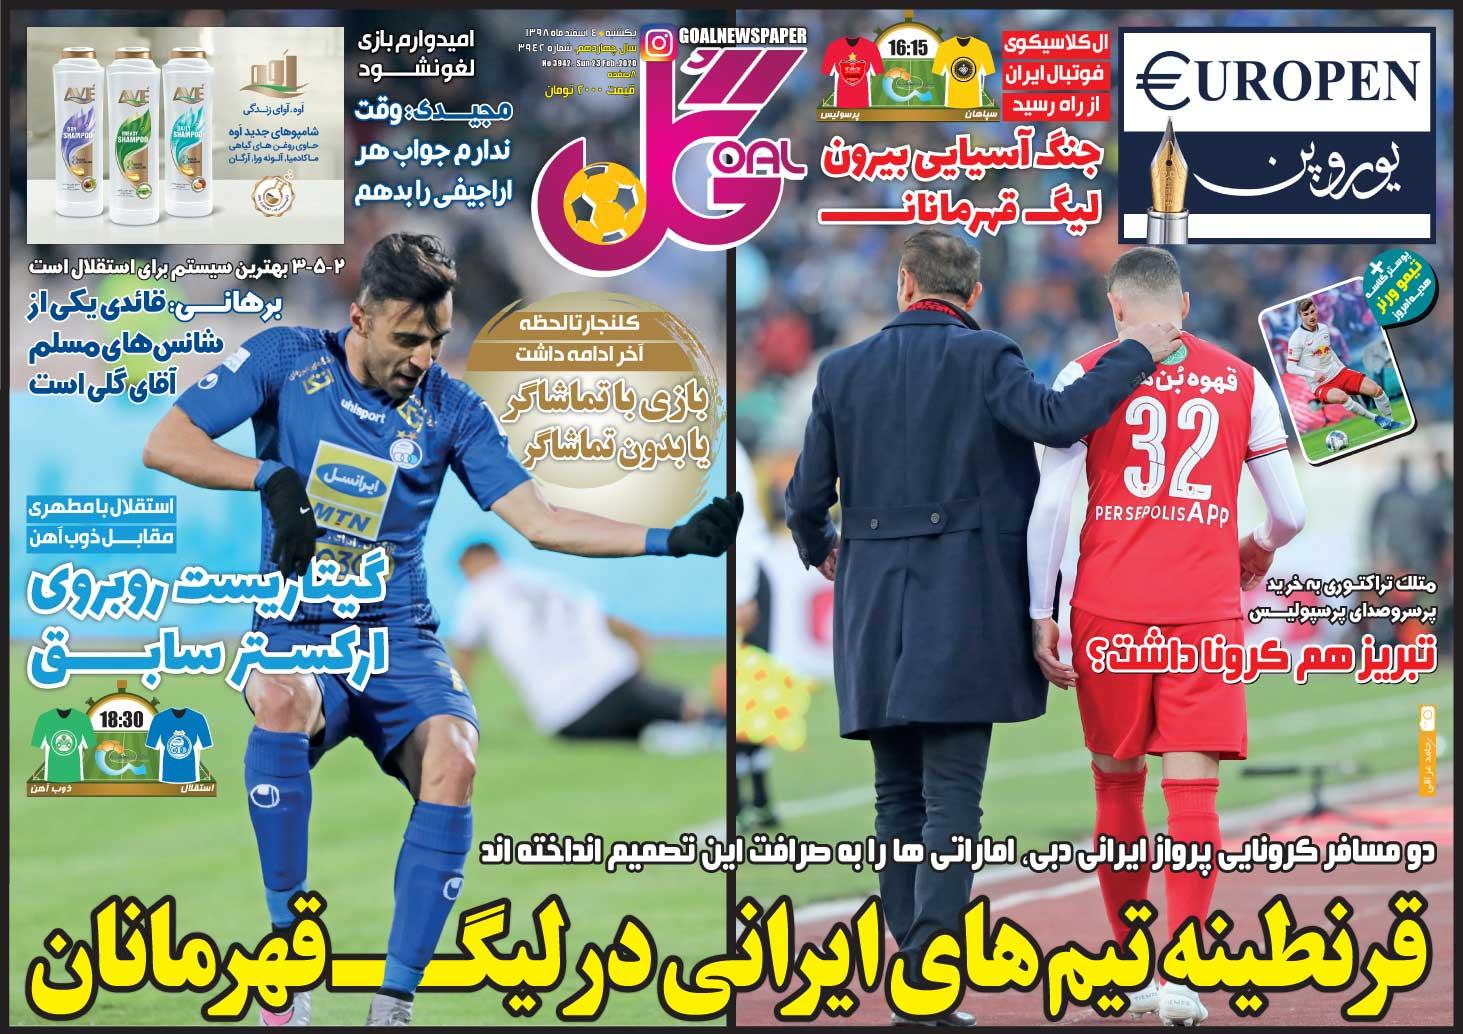 صفحه اول روزنامه گل یکشنبه ۴ اسفند ۹۸